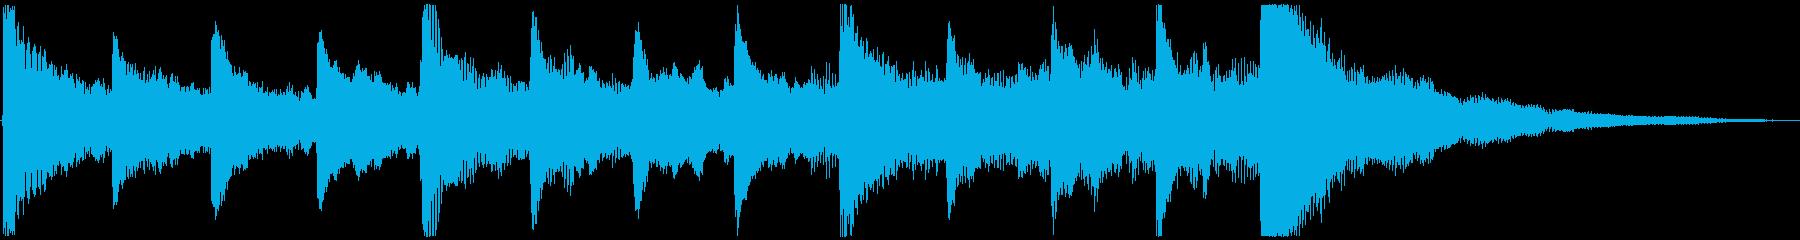 さみしい感じの ピアノ&ストリングスの再生済みの波形